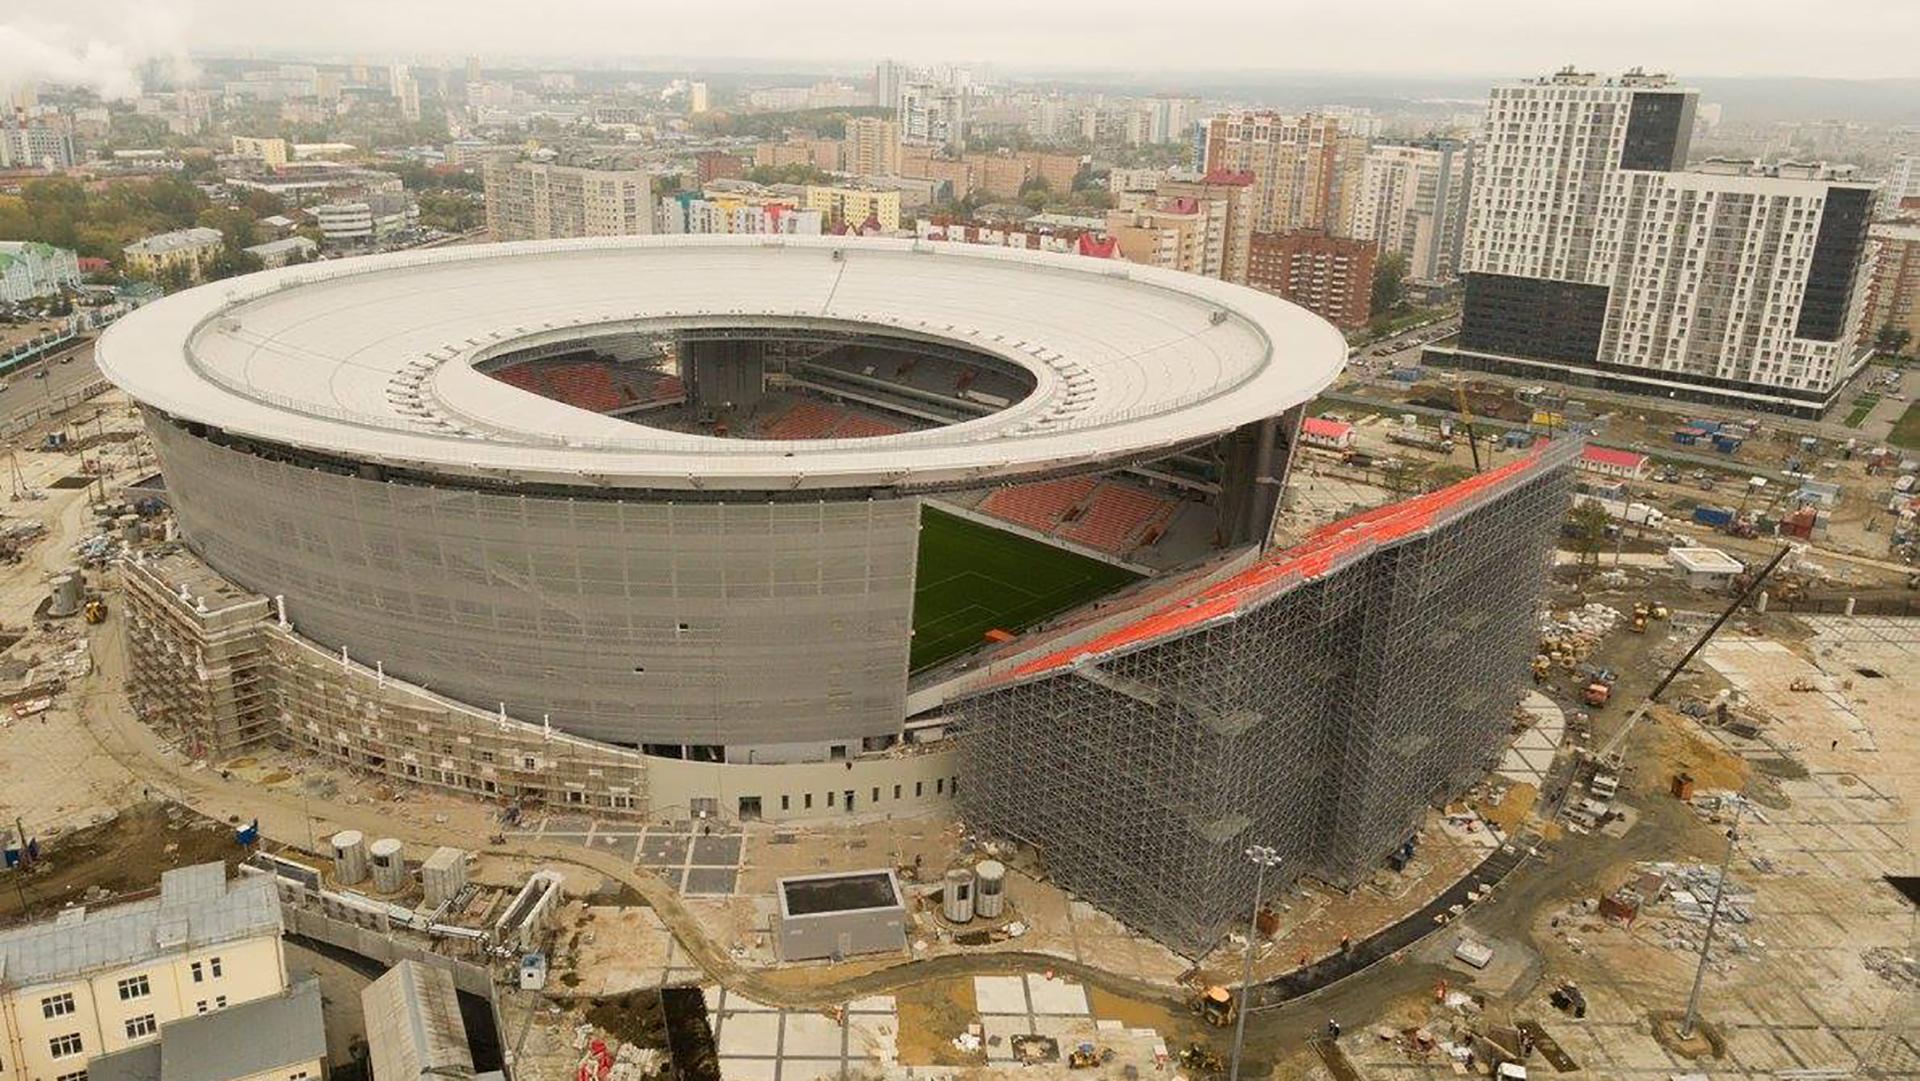 Ekaterimburgo-estadio-mundial-rusia-2018-revista-infinitylab